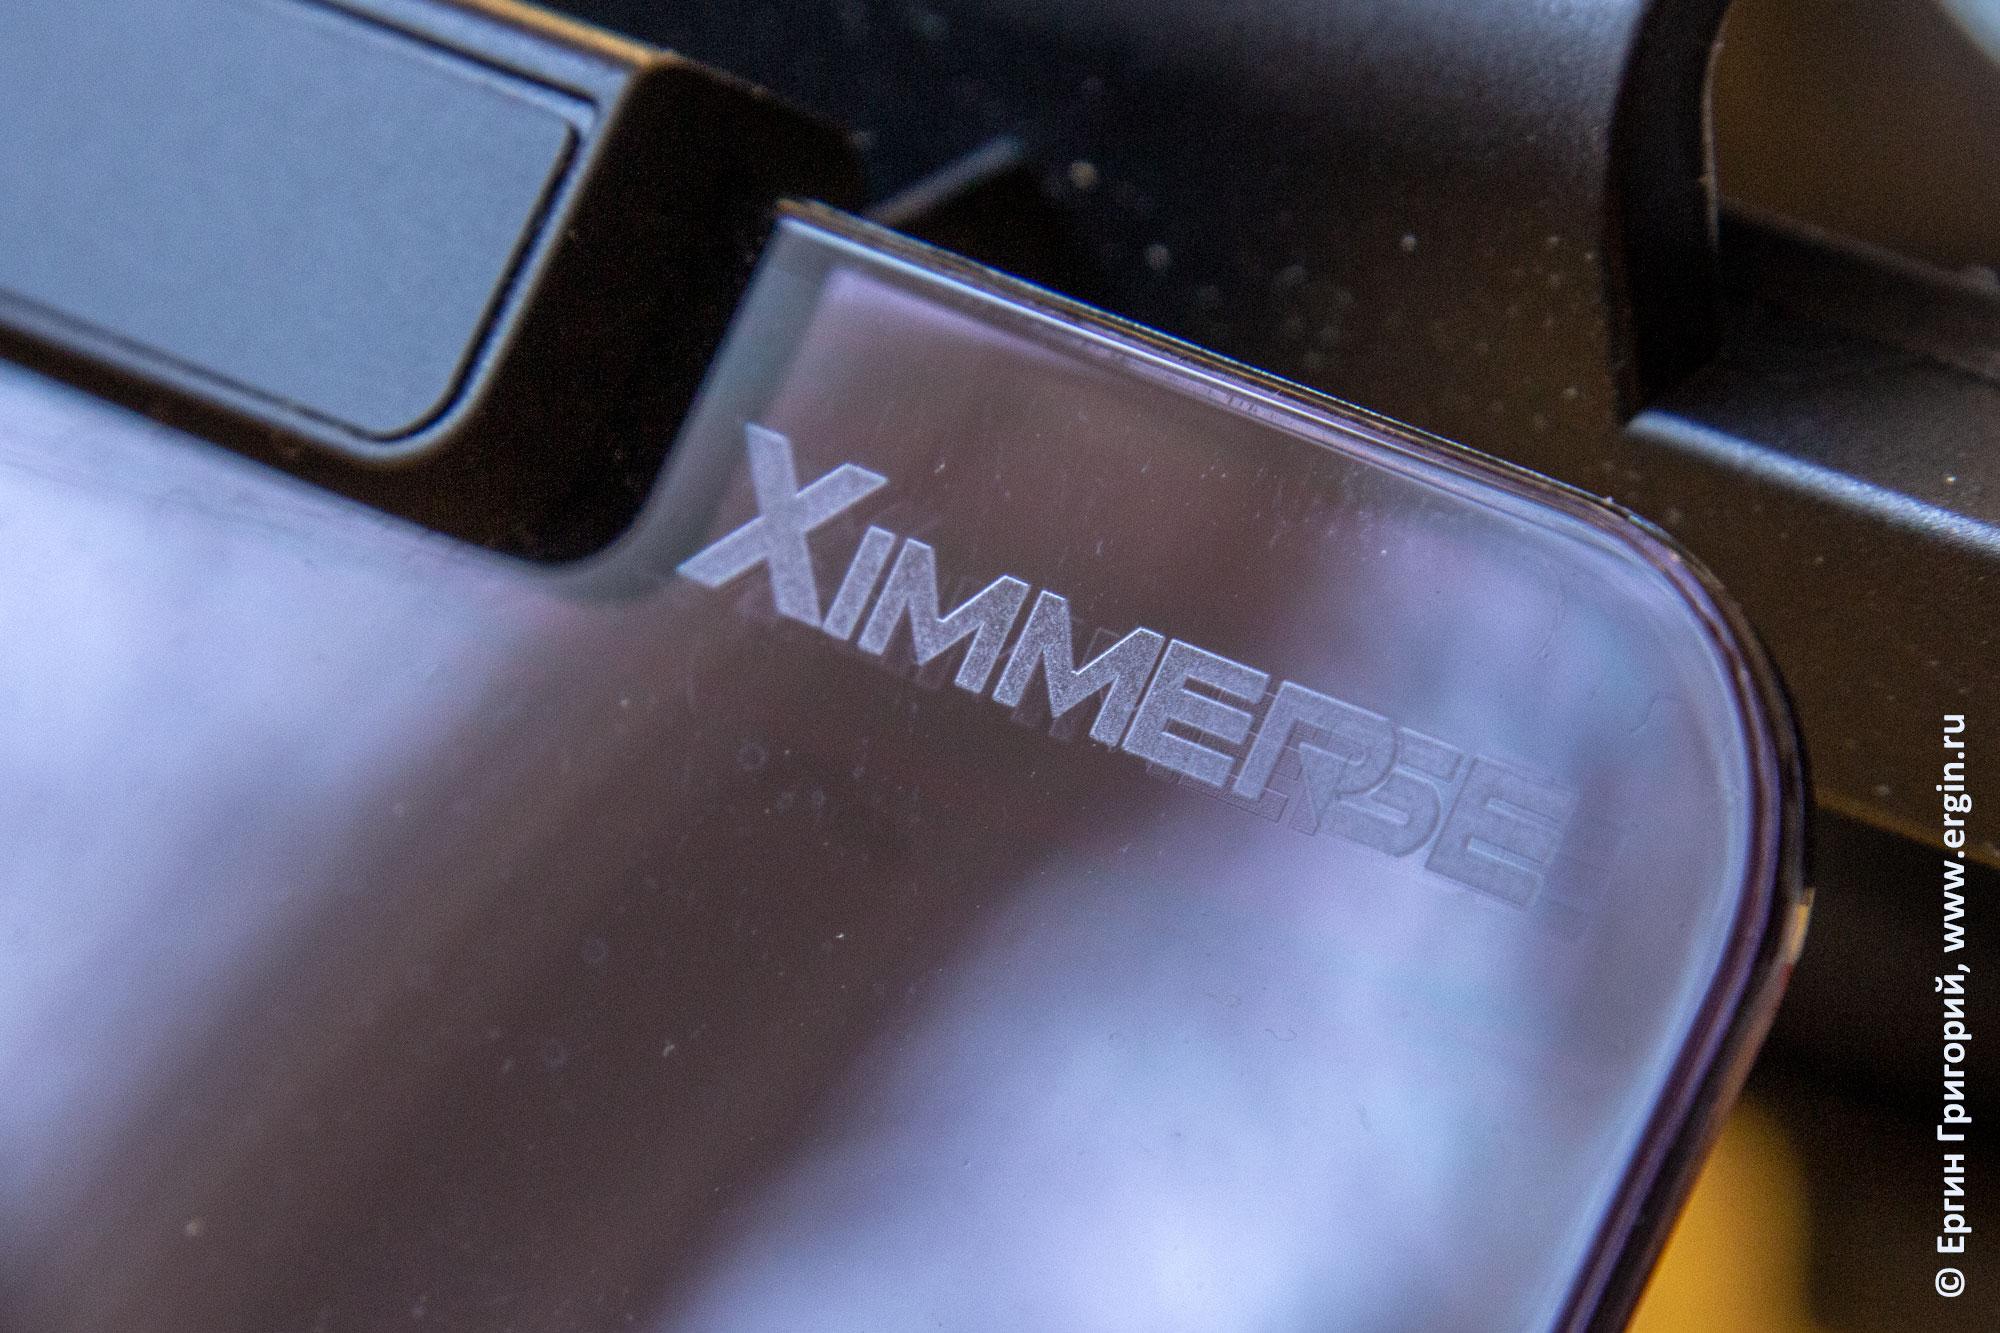 Ximmersе фрима производитель выгнутого зеркала бюджетного FPV